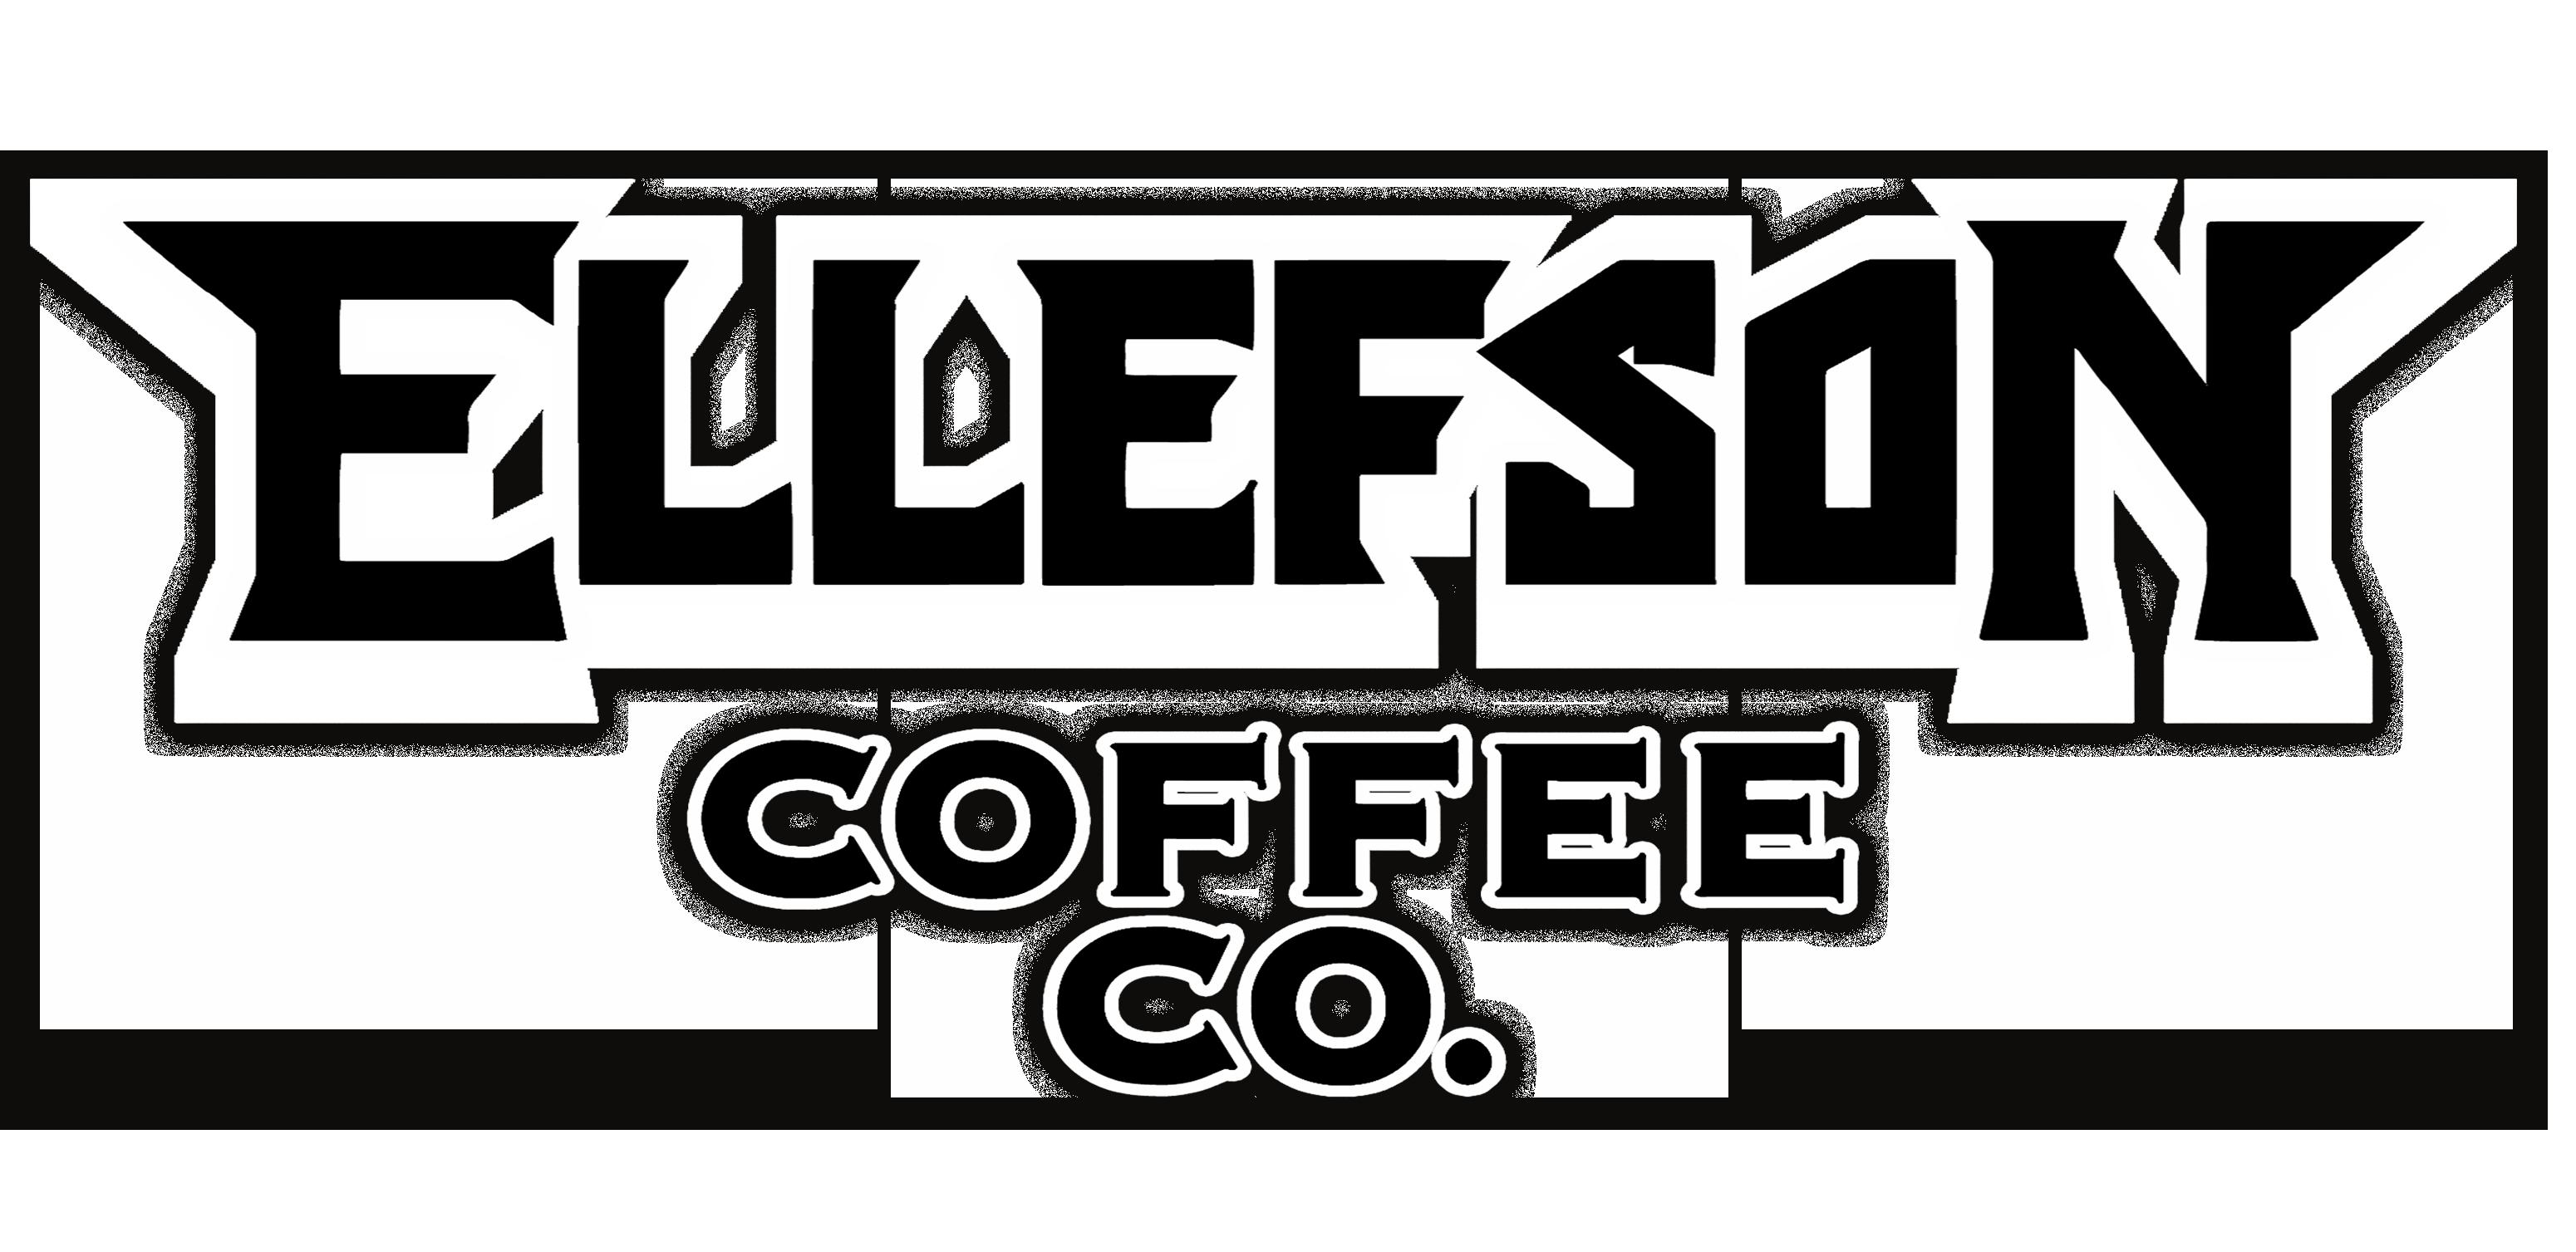 Ellefson Coffee Co.